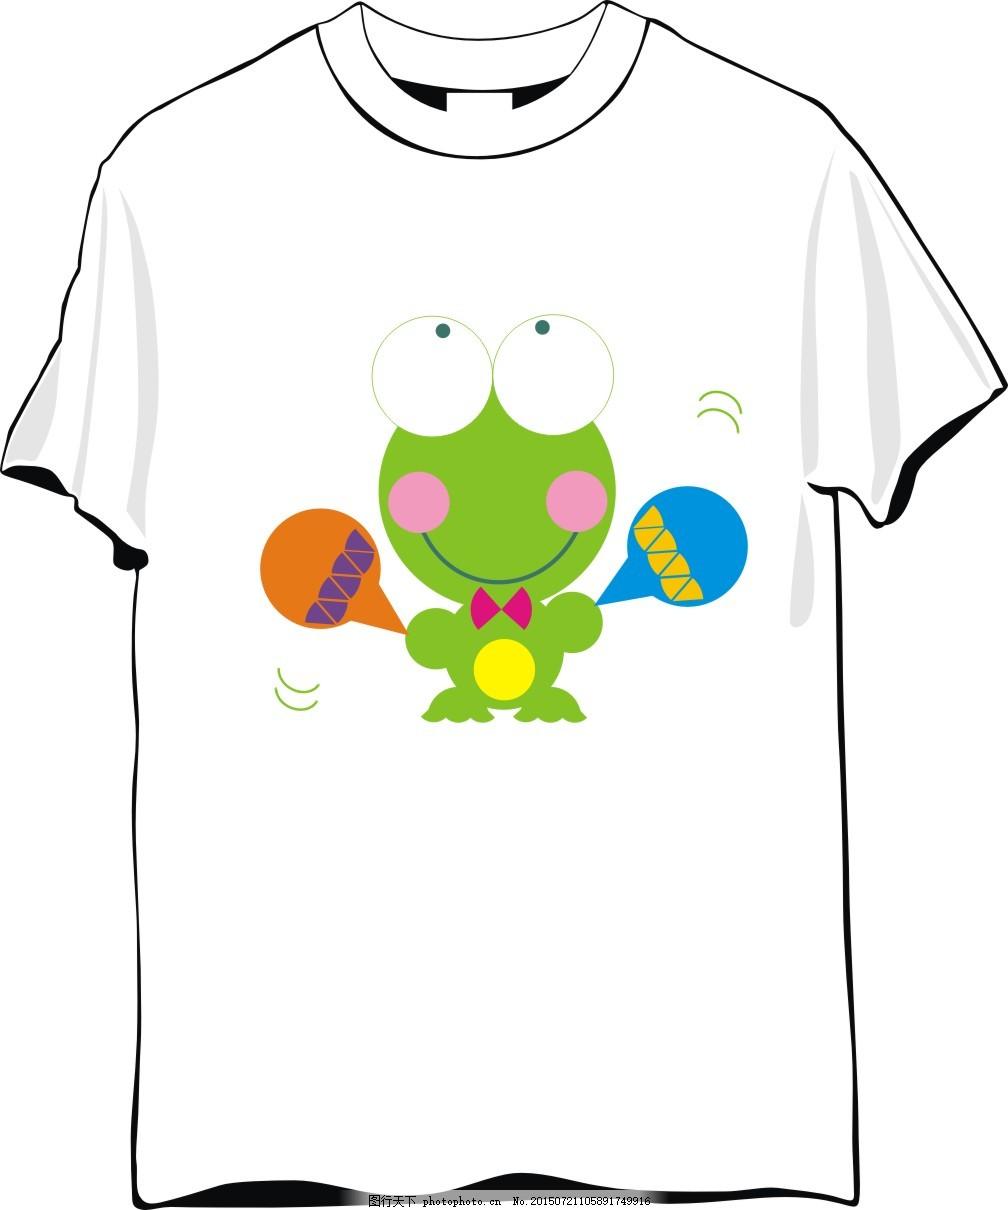 青蛙可爱白色t恤 动物图案t恤 可爱t恤 白色 涂鸦 手绘 彩色 卡通